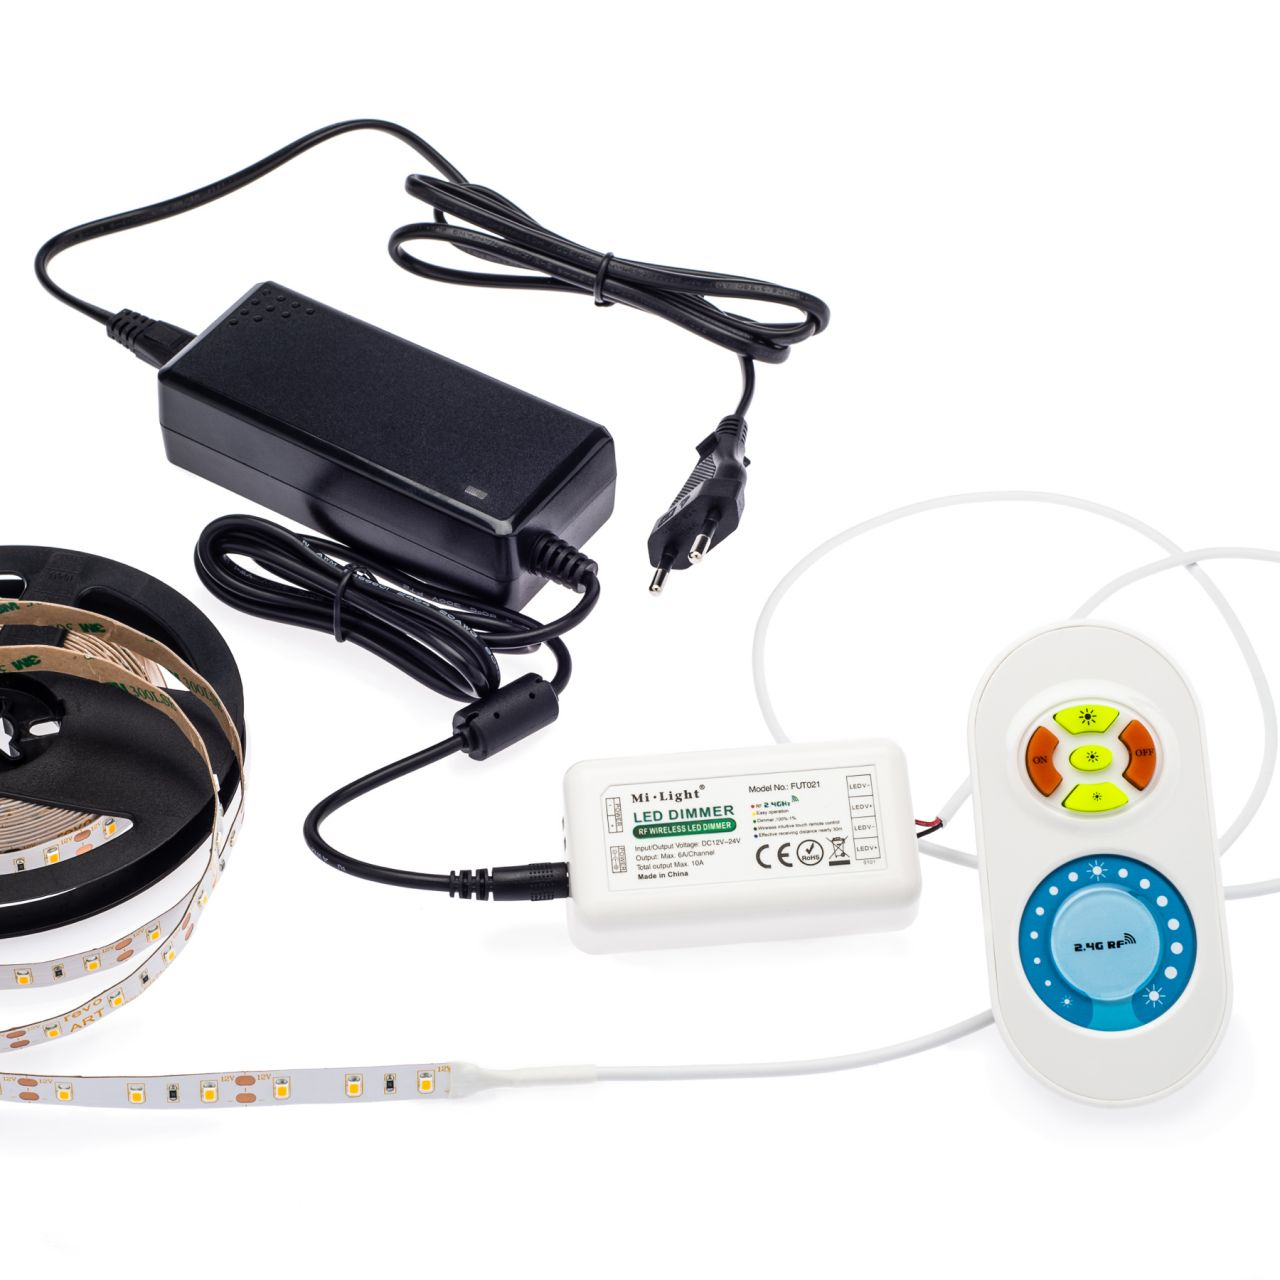 12V LED Streifen Set, mit Fernbedienung und Netzteil, 500cm Länge, Lichtfarbe warmweiß